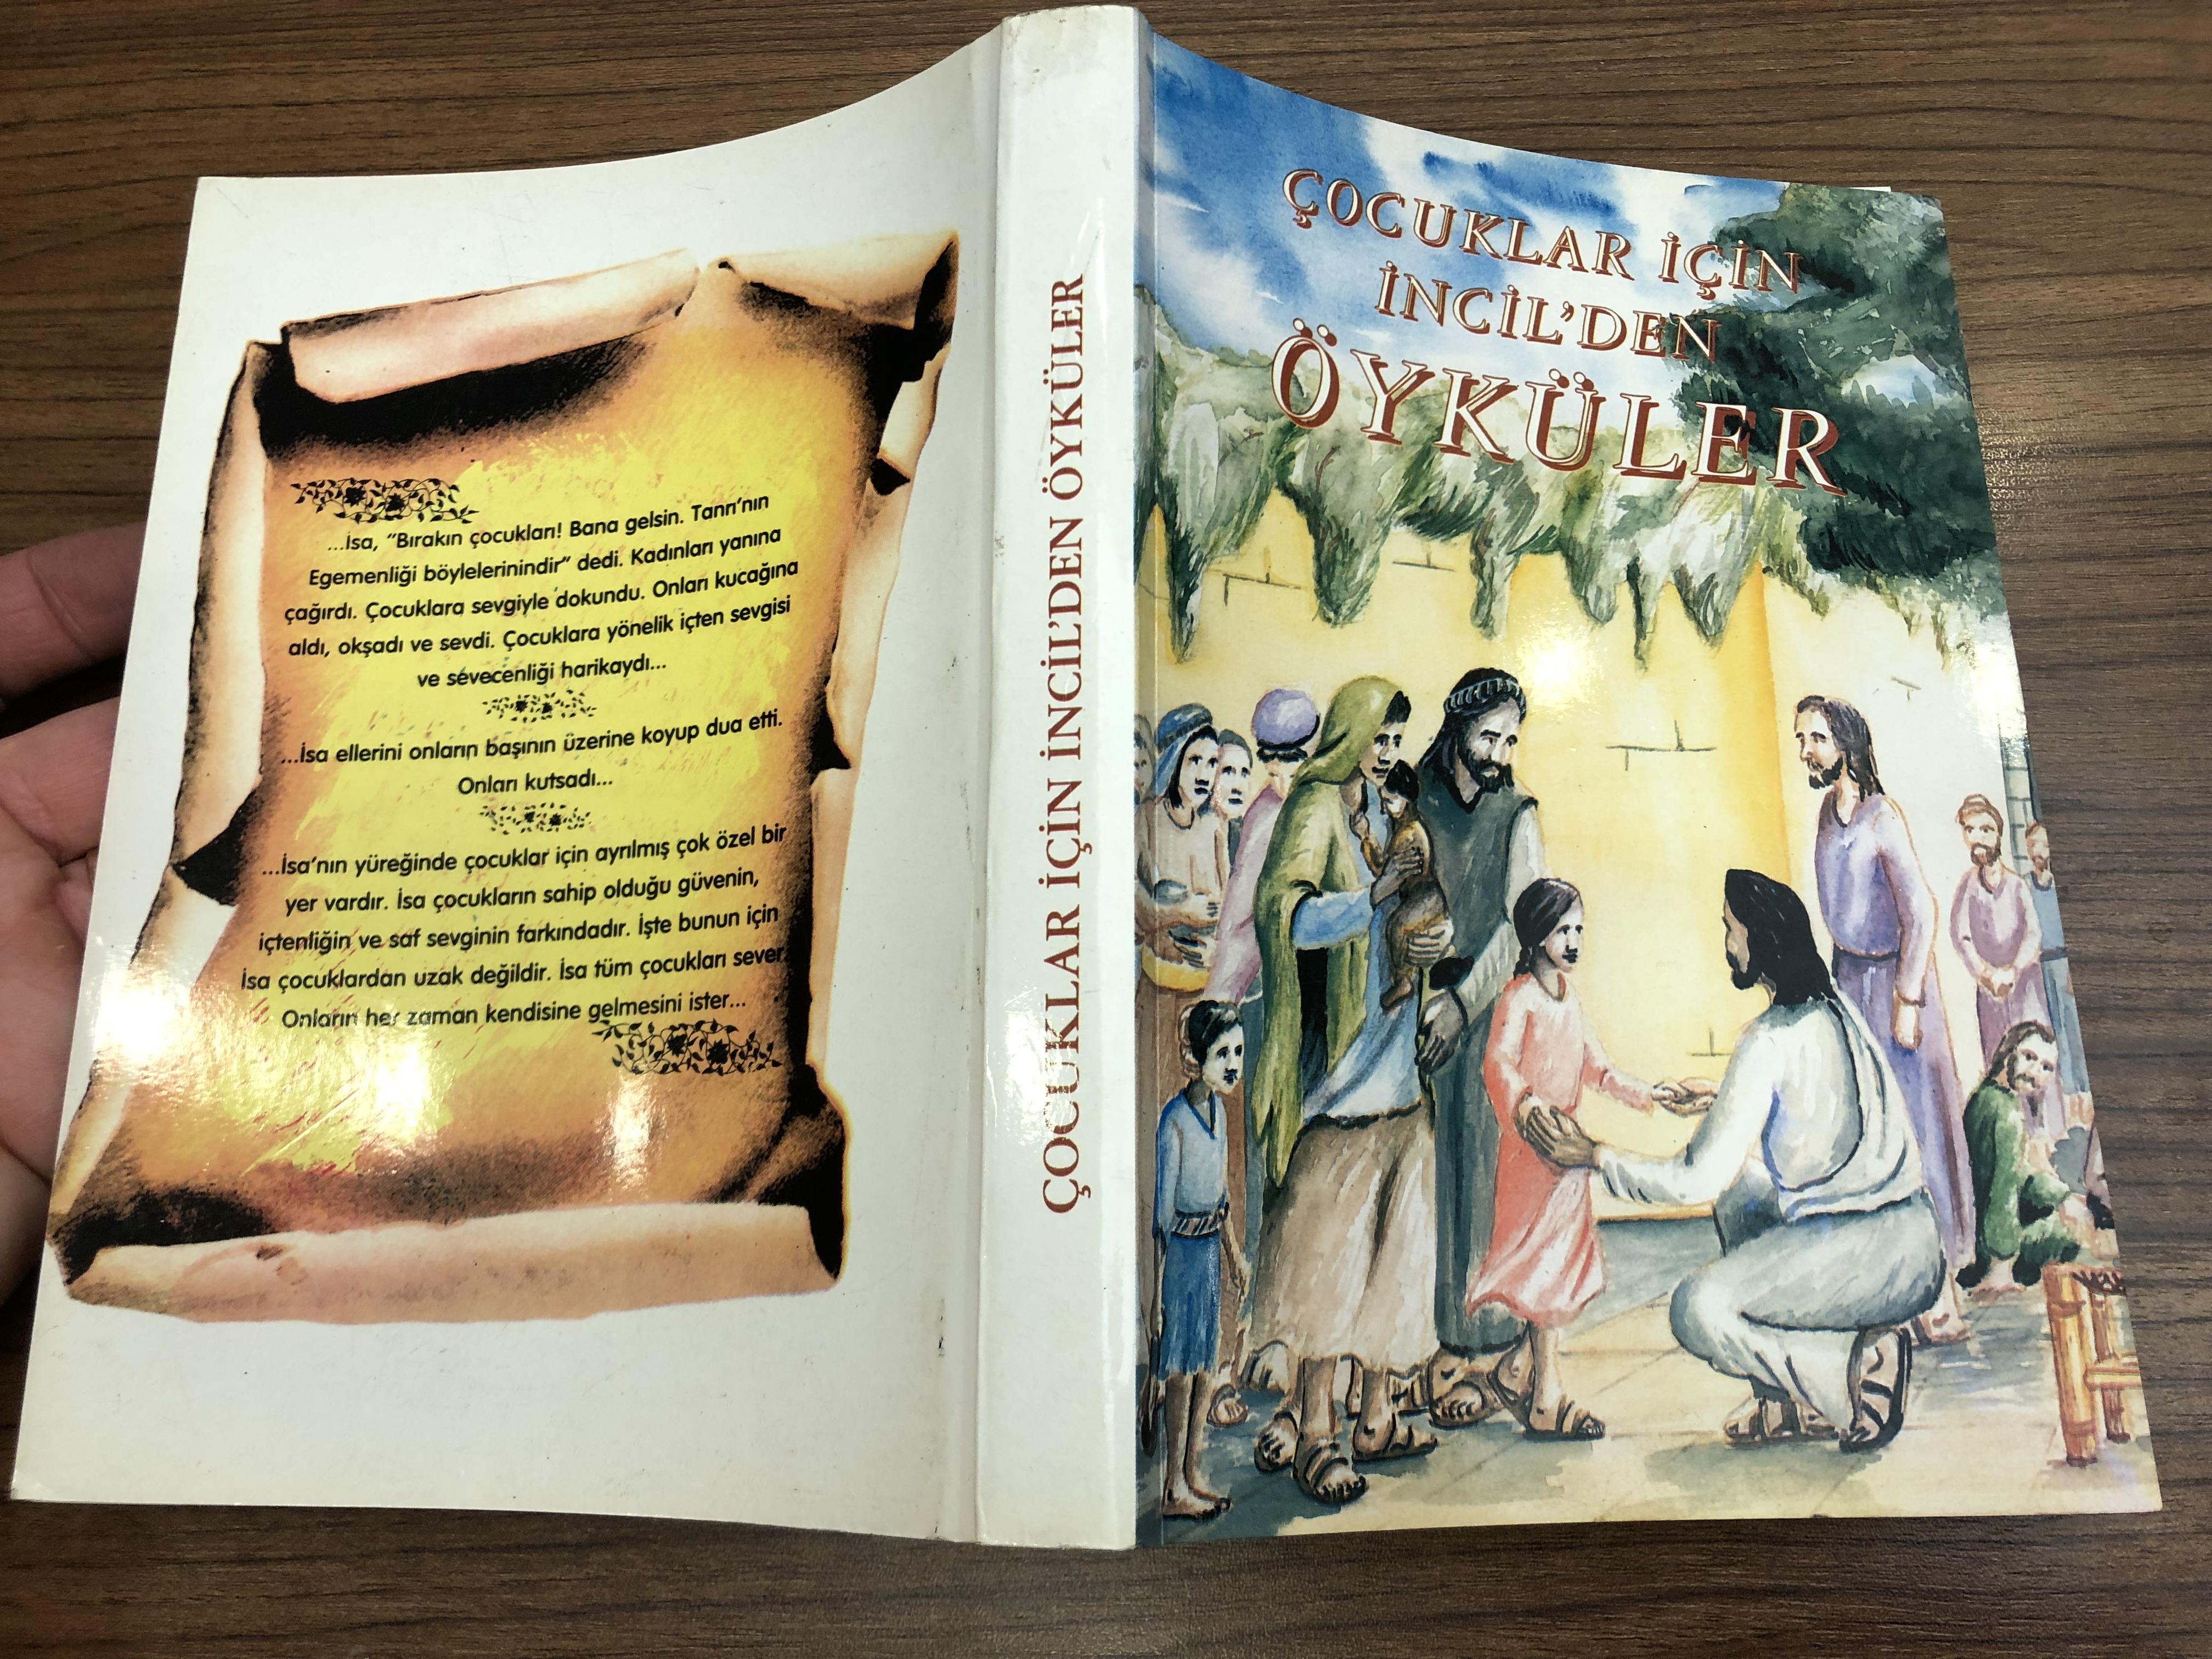 cocuklar-icin-indil-den-oykuler-turkish-children-s-bible-10-.jpg